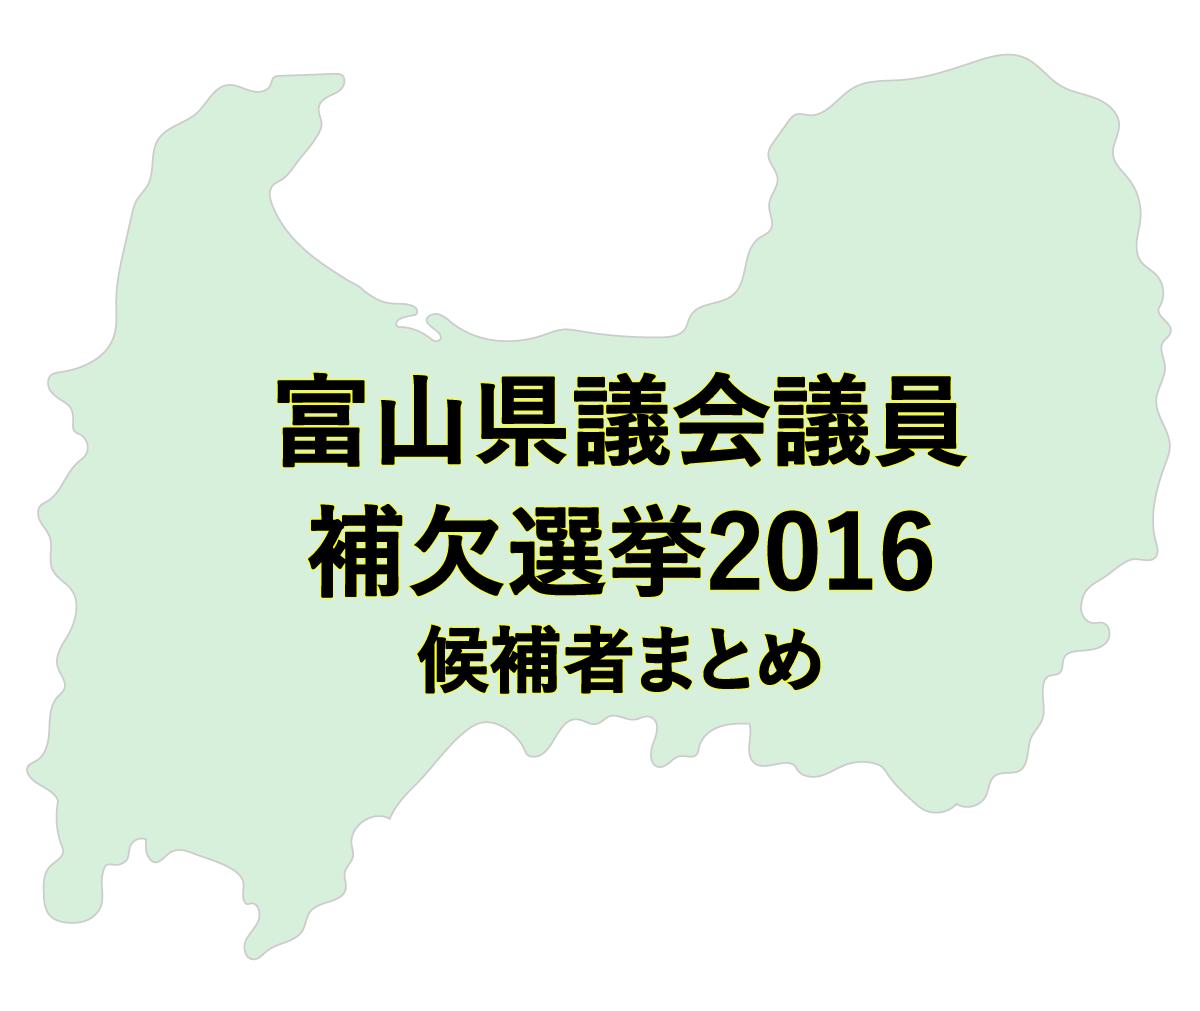 富山県議会議員補欠選挙2016